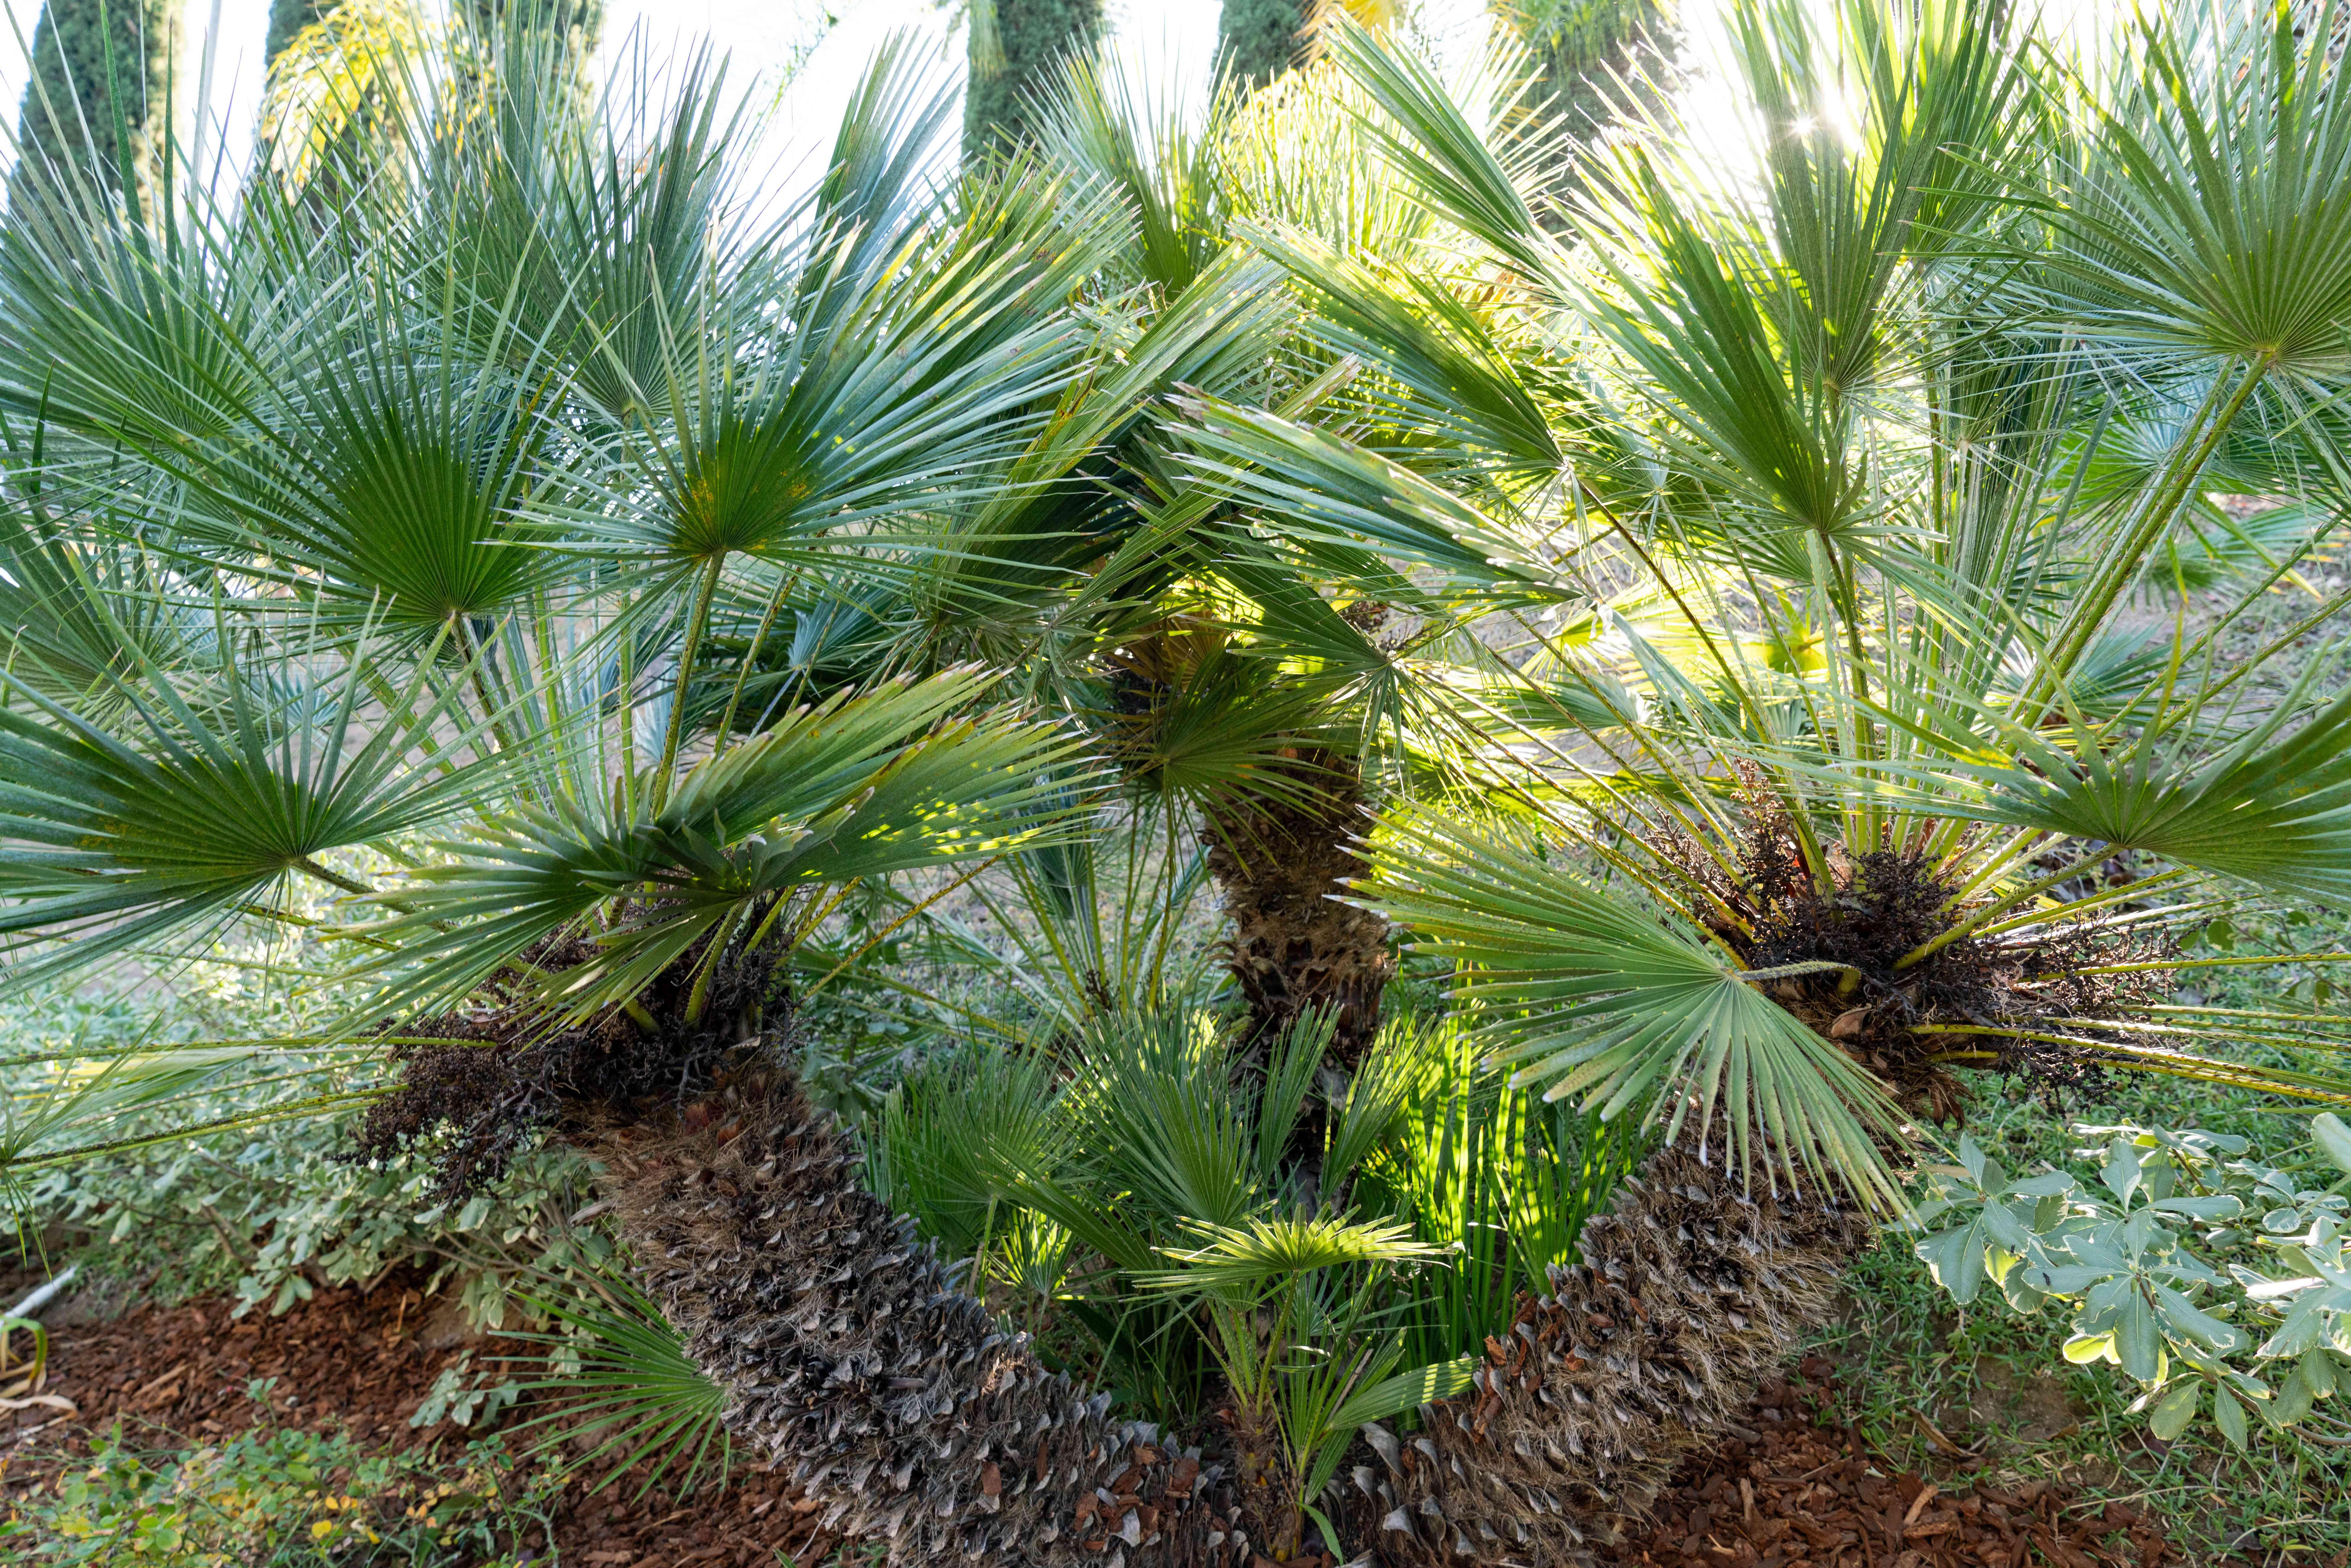 European fan palm fronds